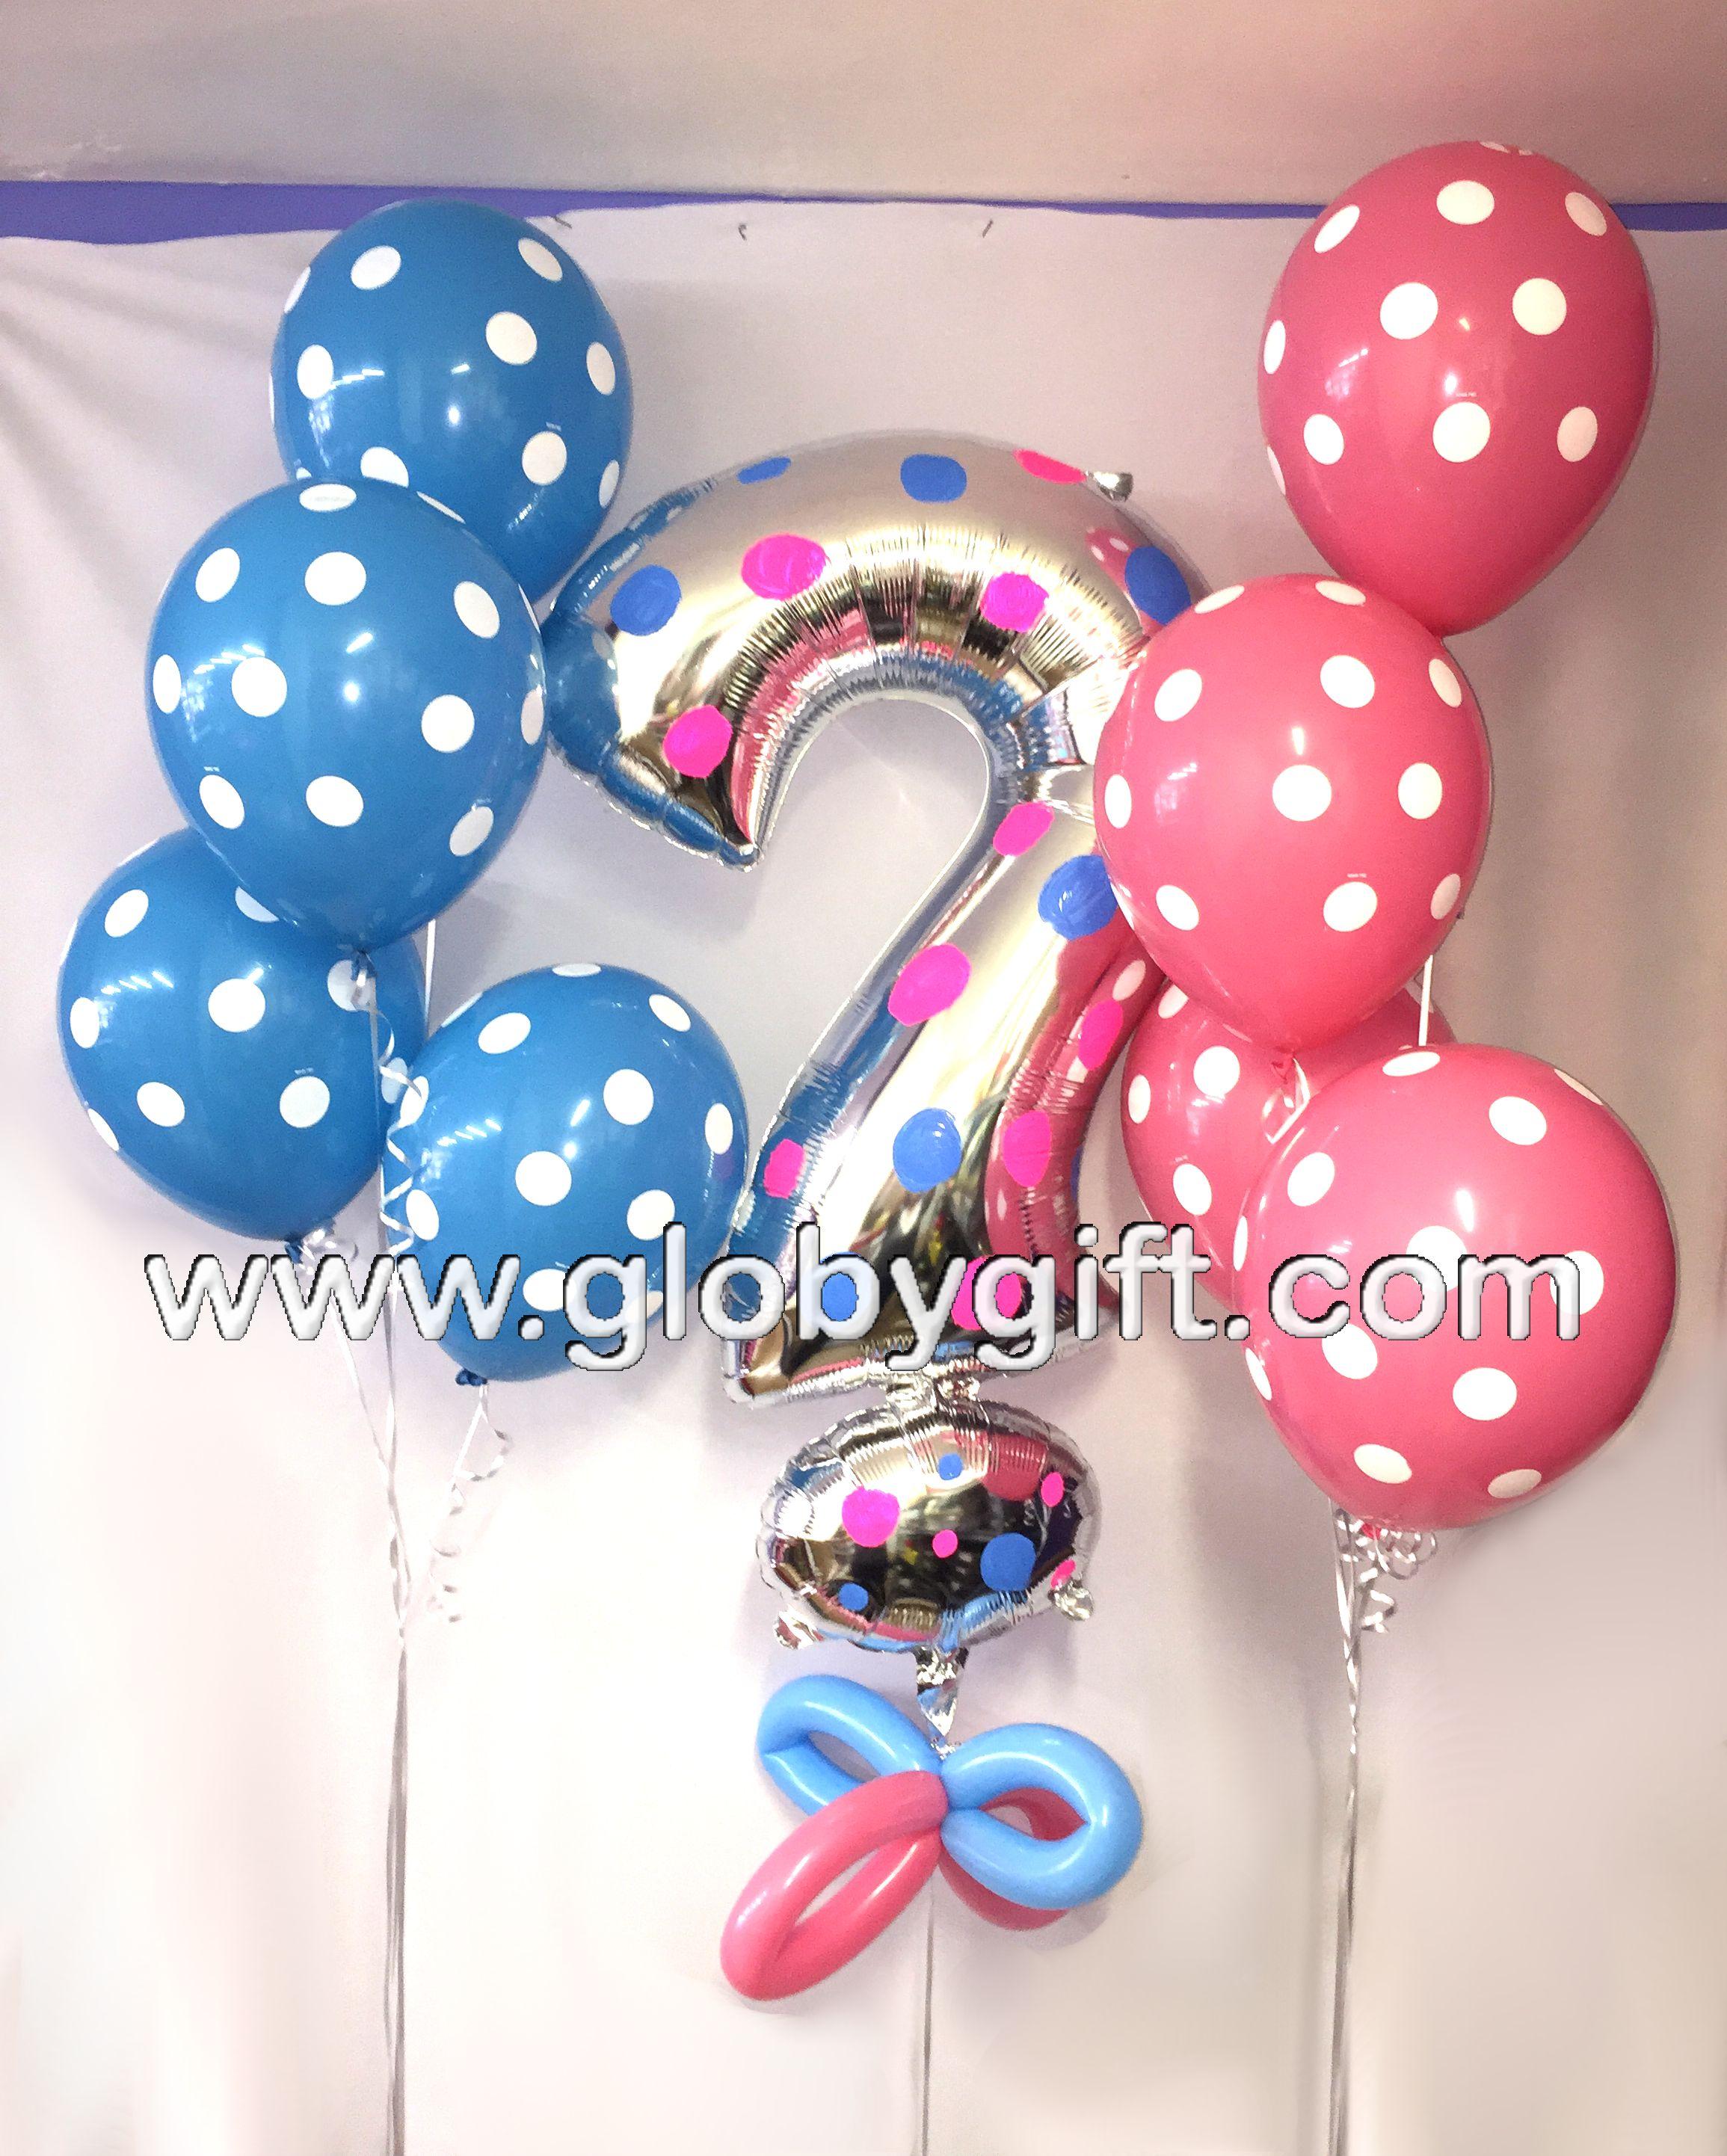 Globos para decorar fiesta de revelacin de sexo del beb Balloon